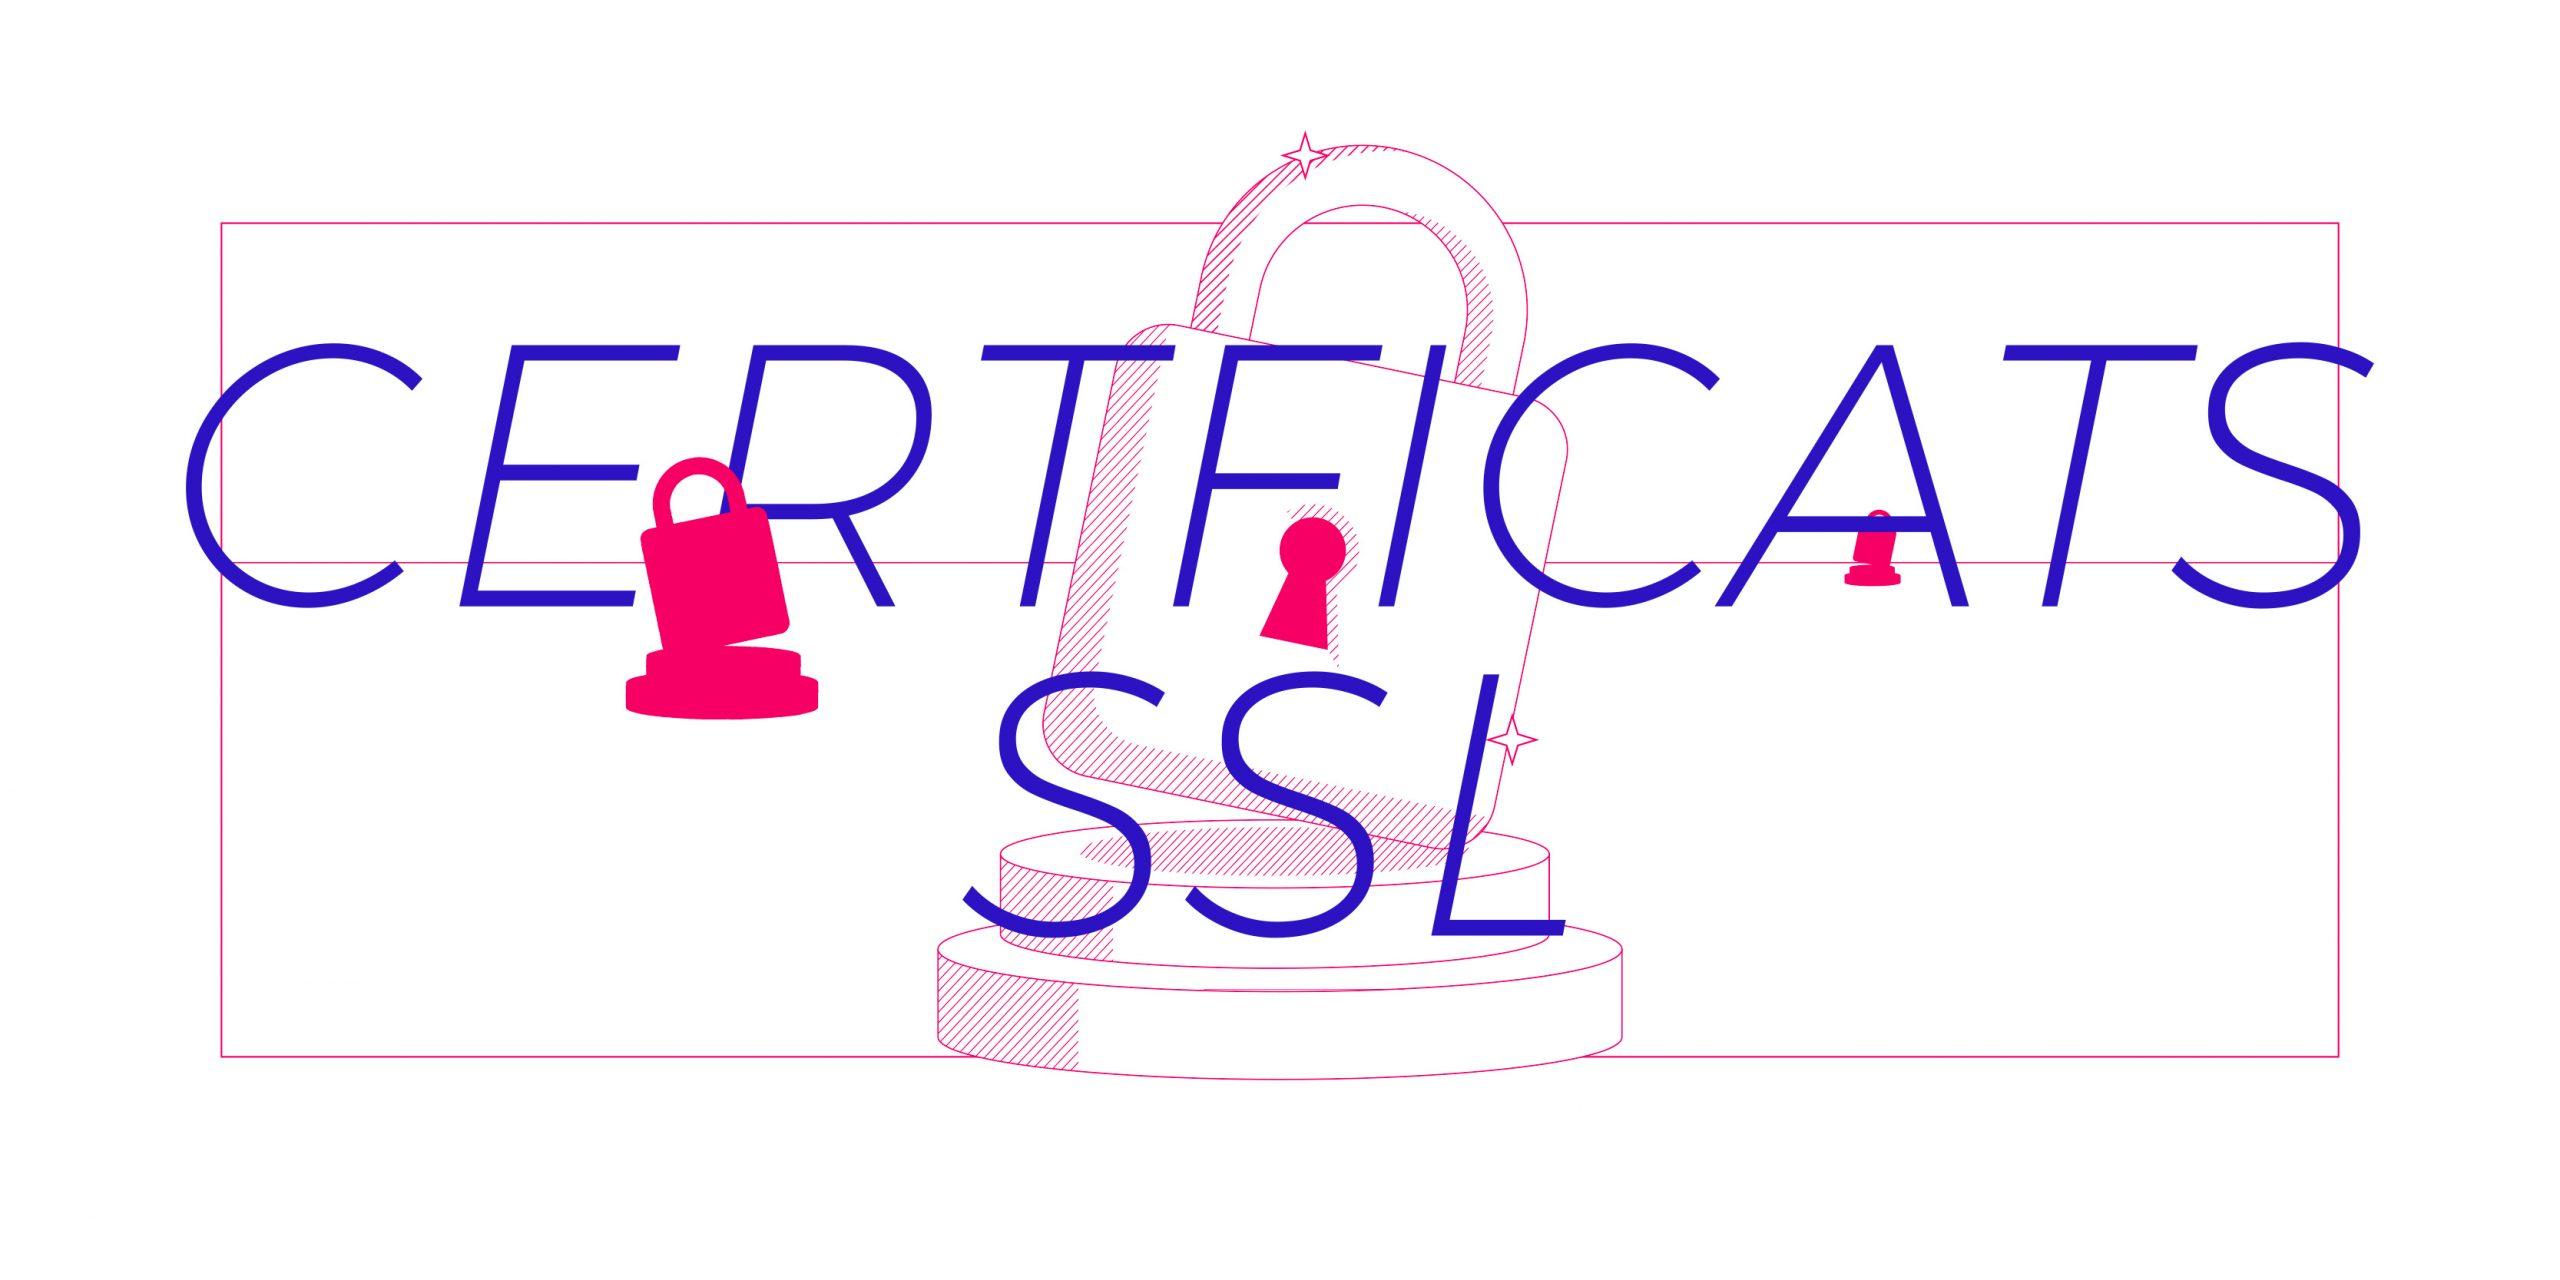 SSL 凭证的最长期限即将缩短至 1 年